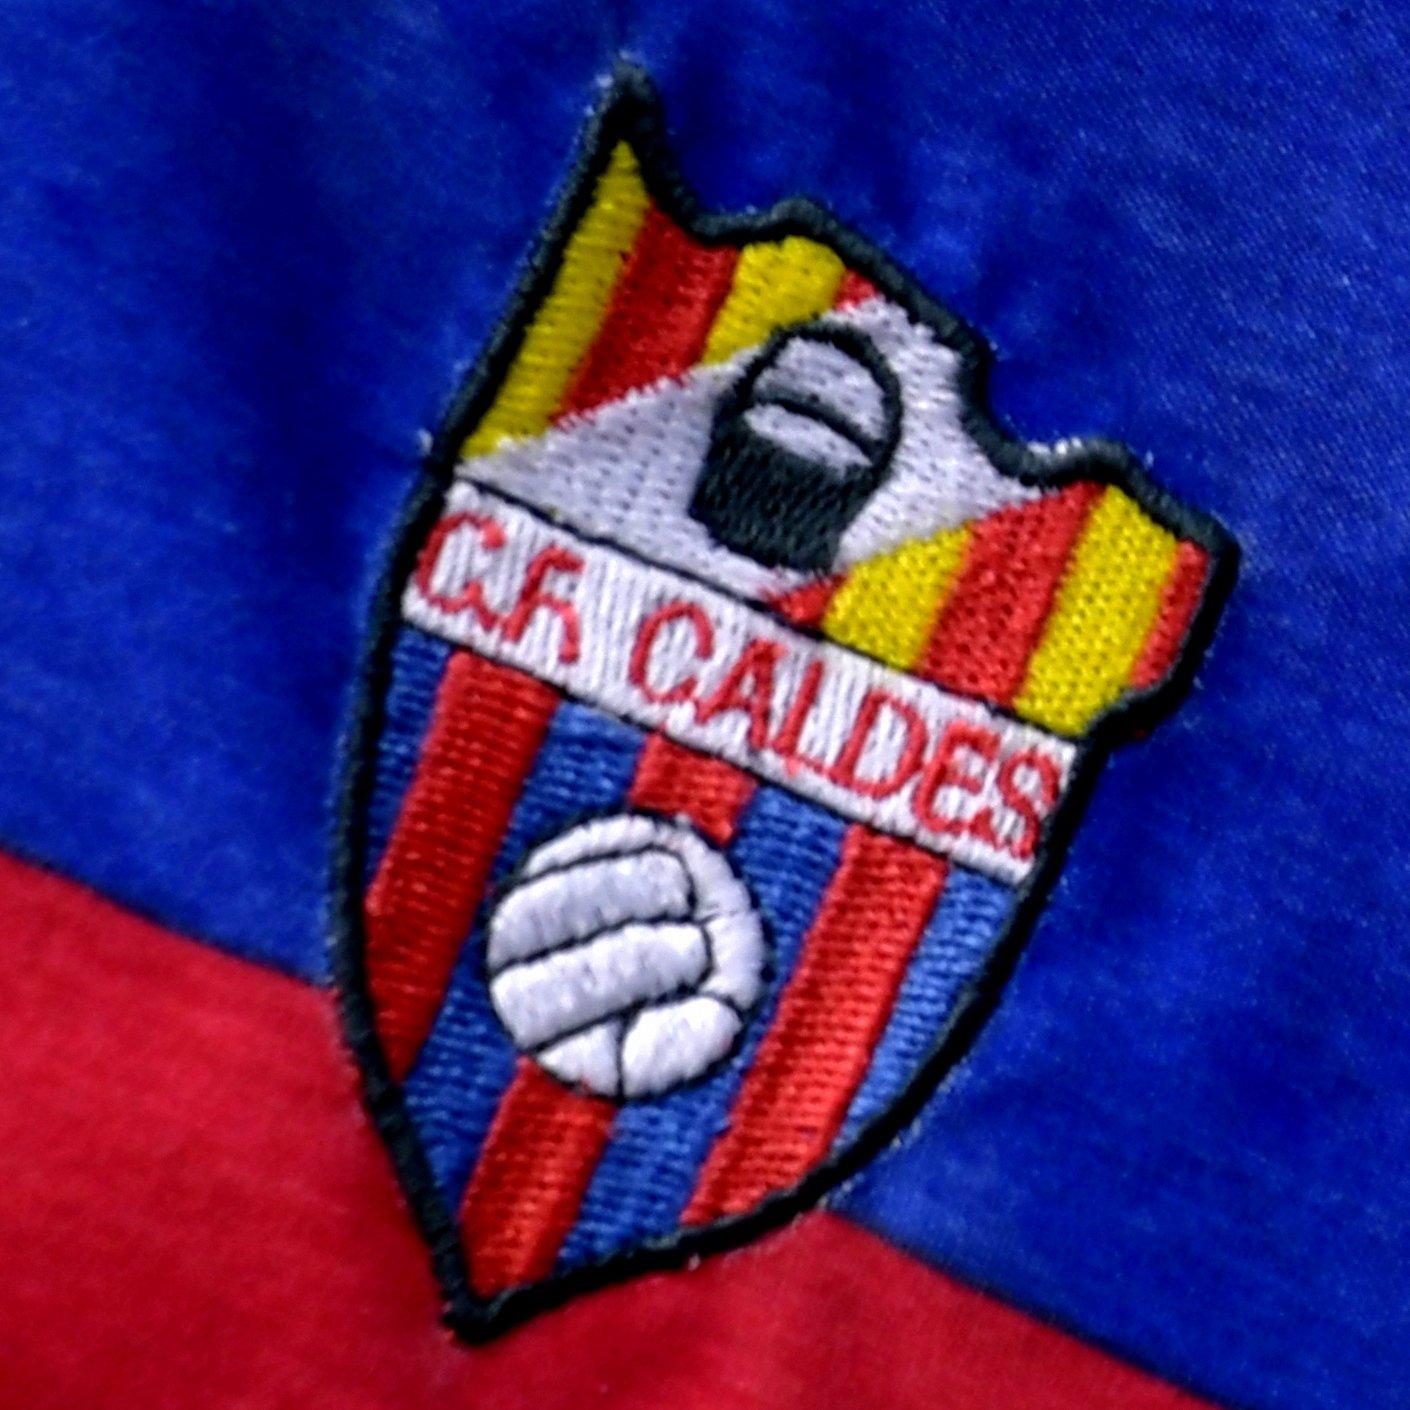 @cfcaldes